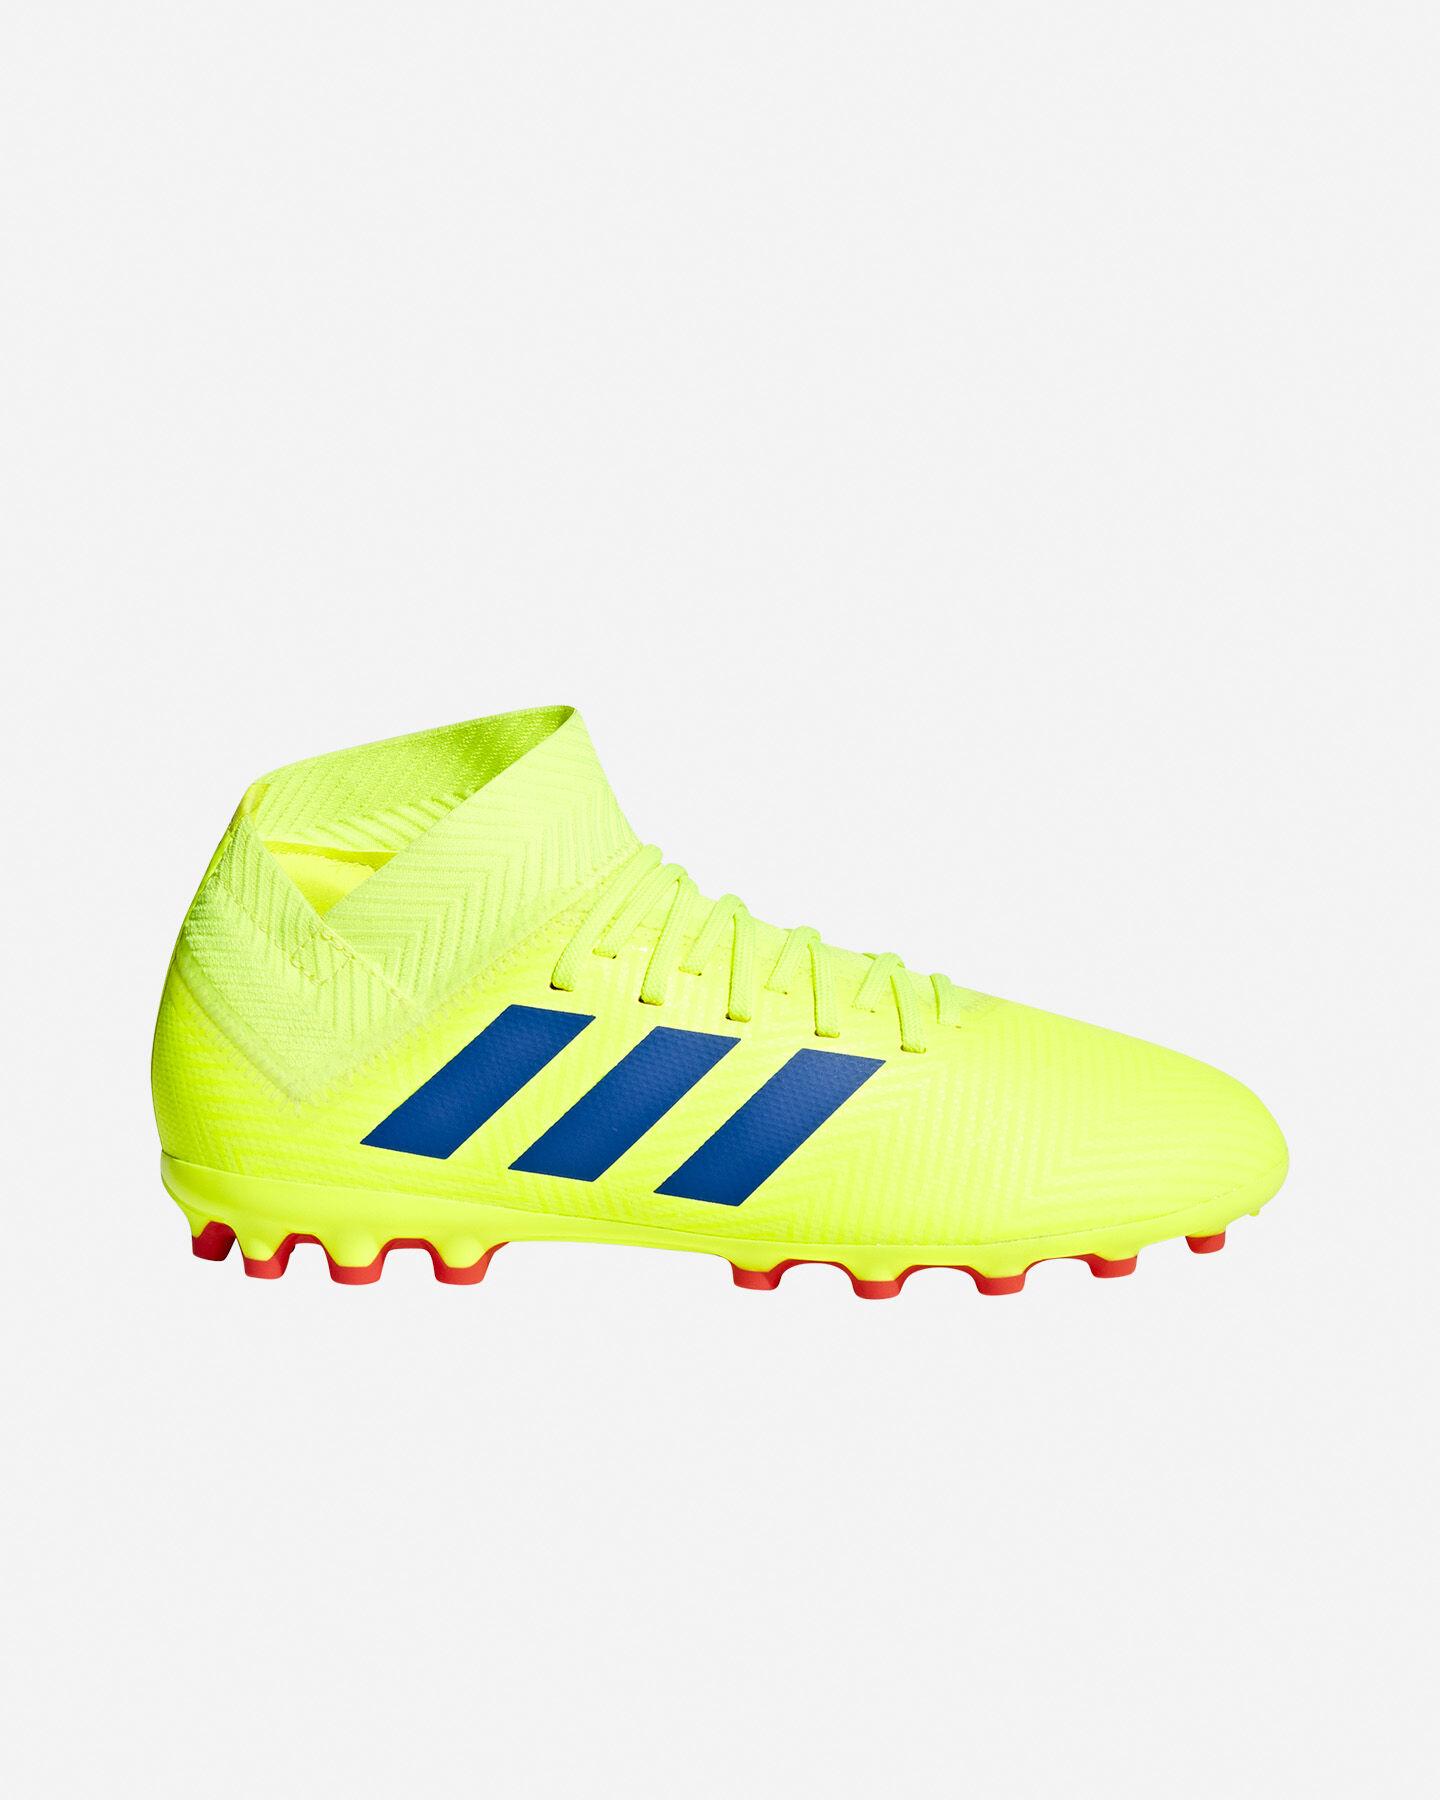 scarpe da calcio cisalfa prezzo